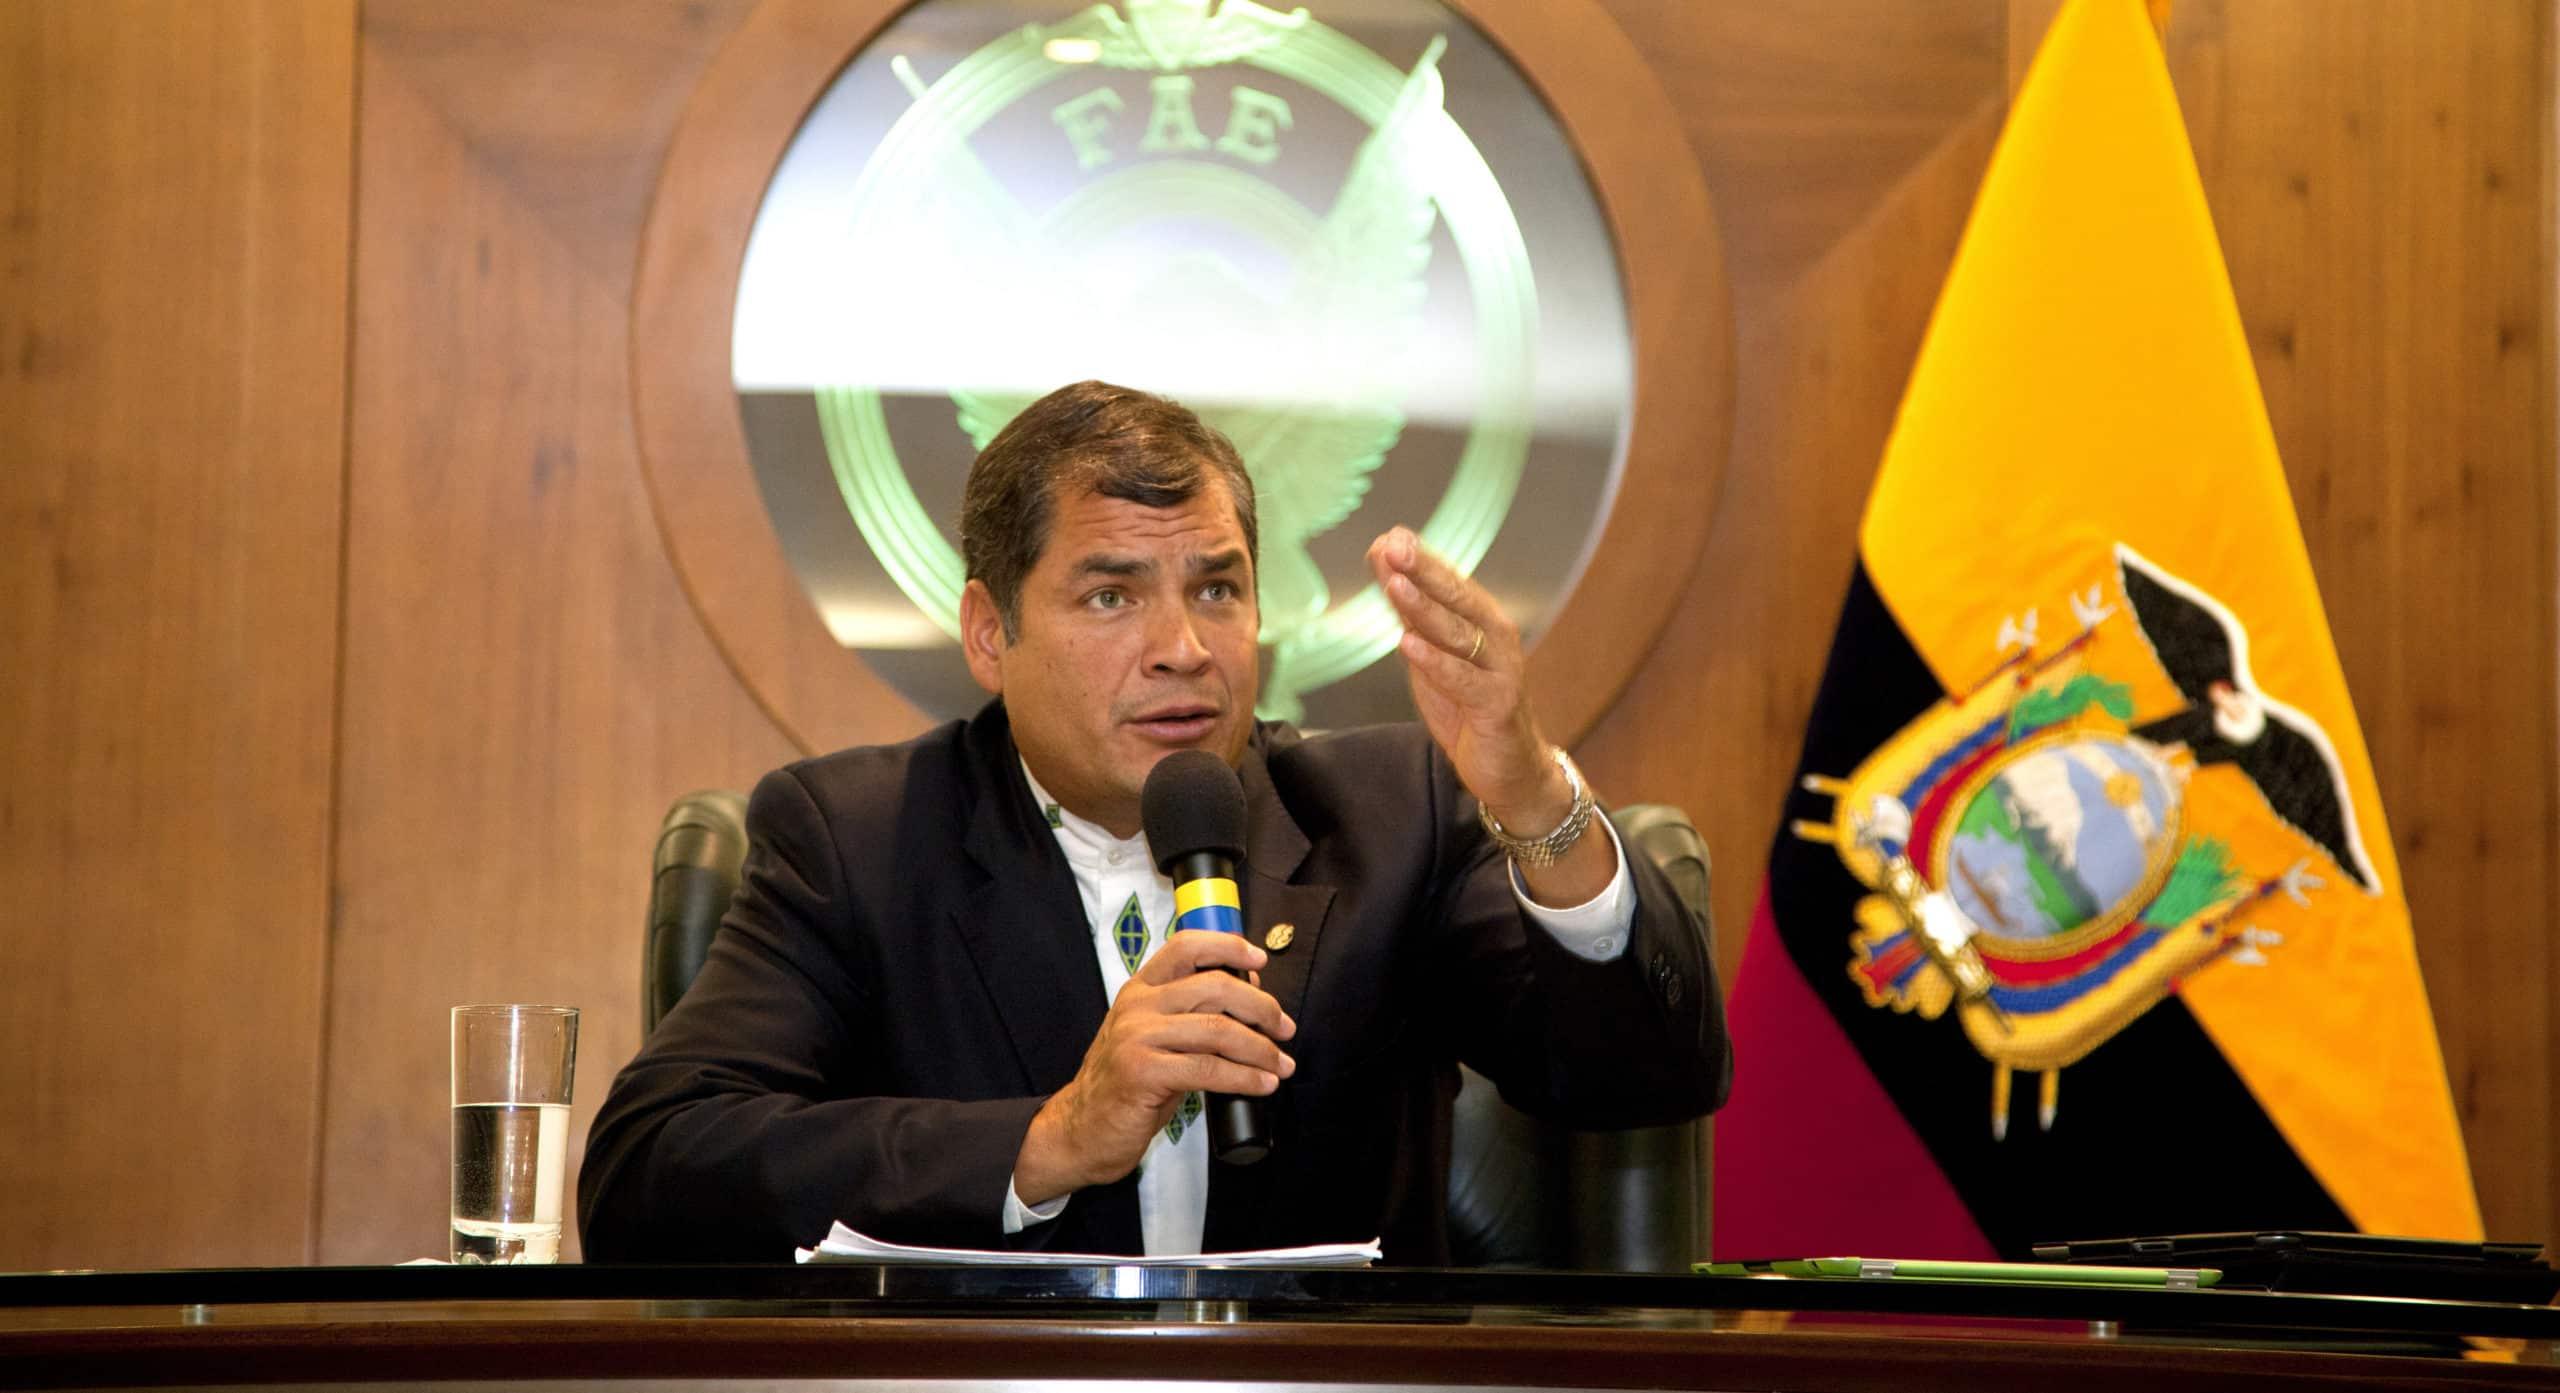 Je dénonce la tentative de coup d'État en Équateur